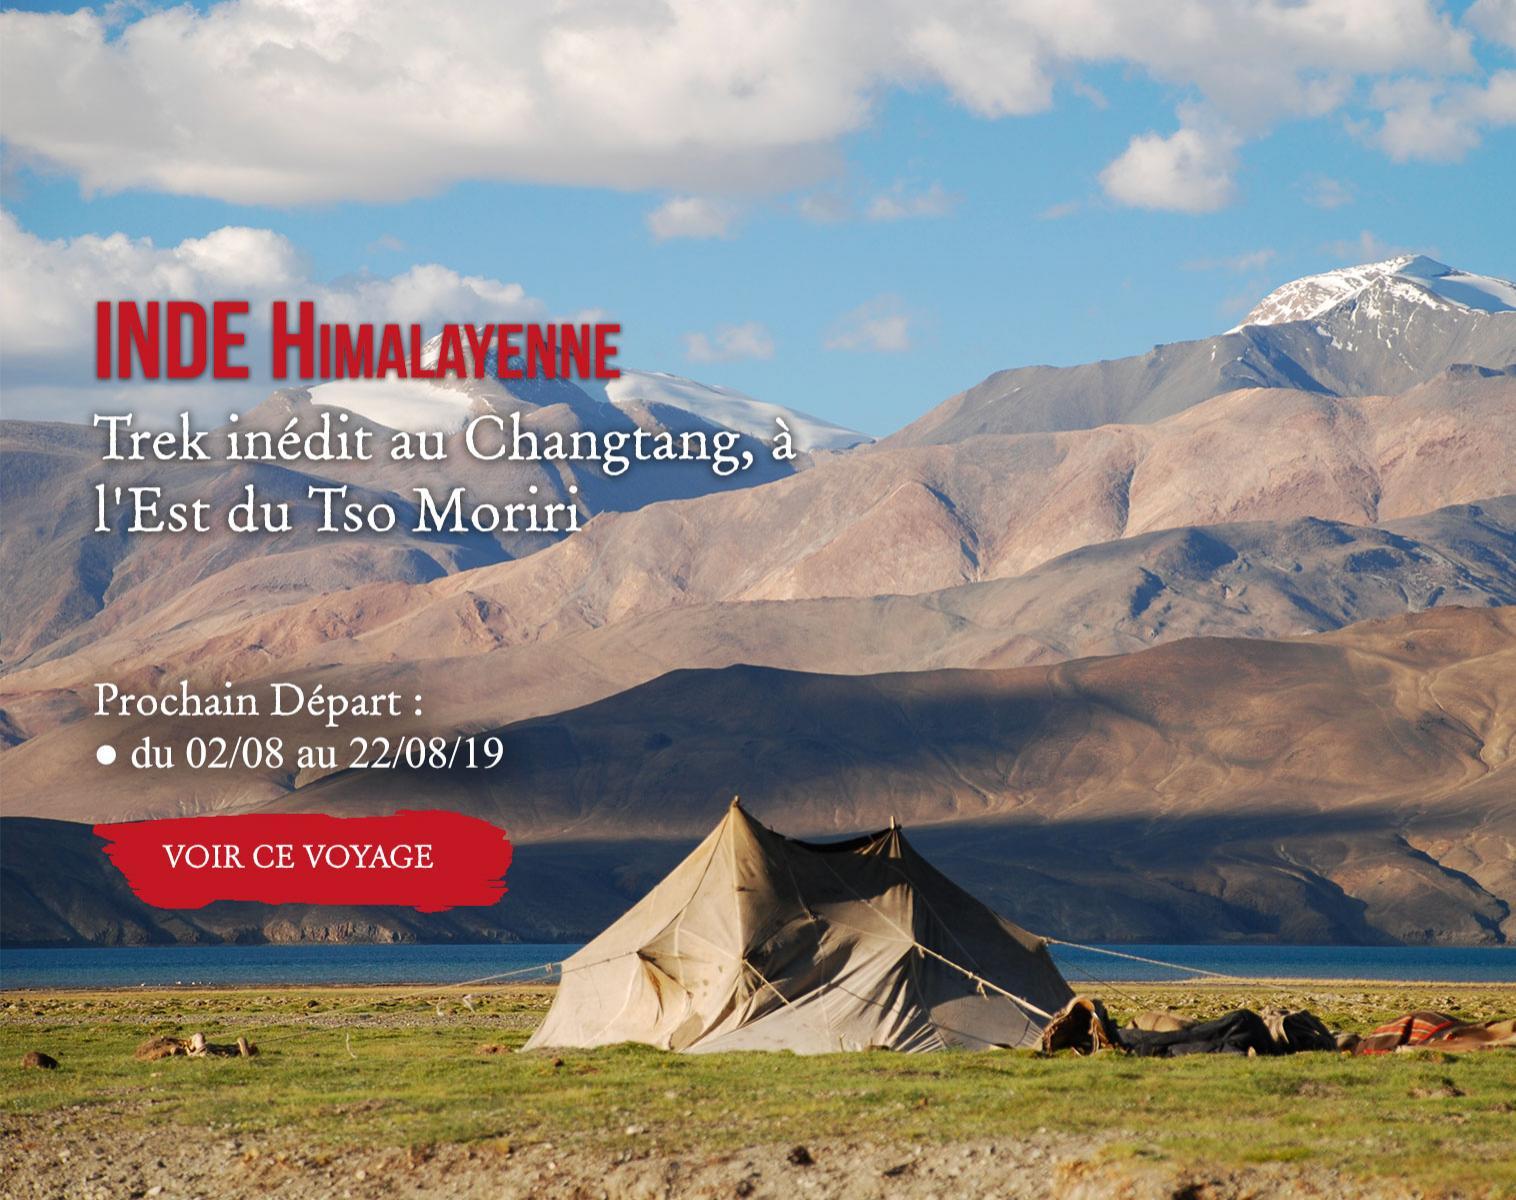 Inde, Trek inédit au Changtang, à l'Est du Tso Moriri